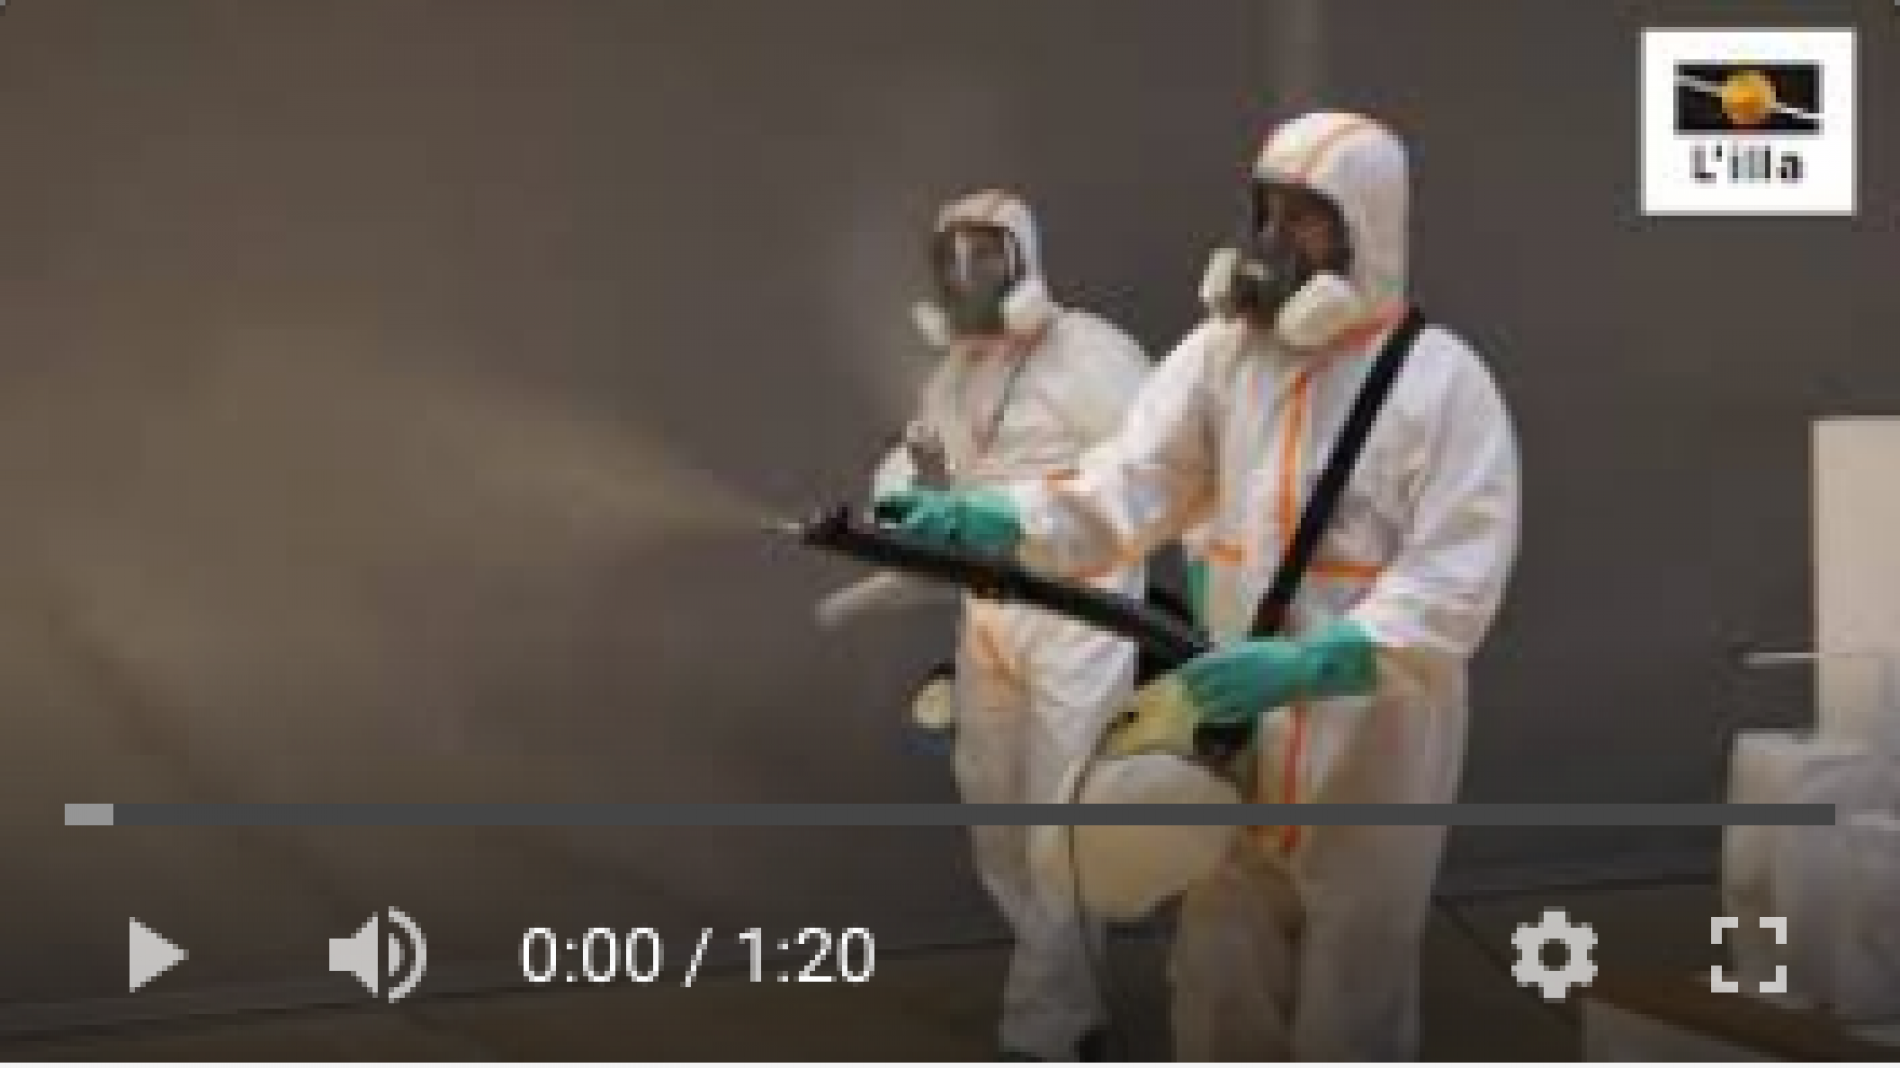 Mullor Facility Services, neteja i desinfecció